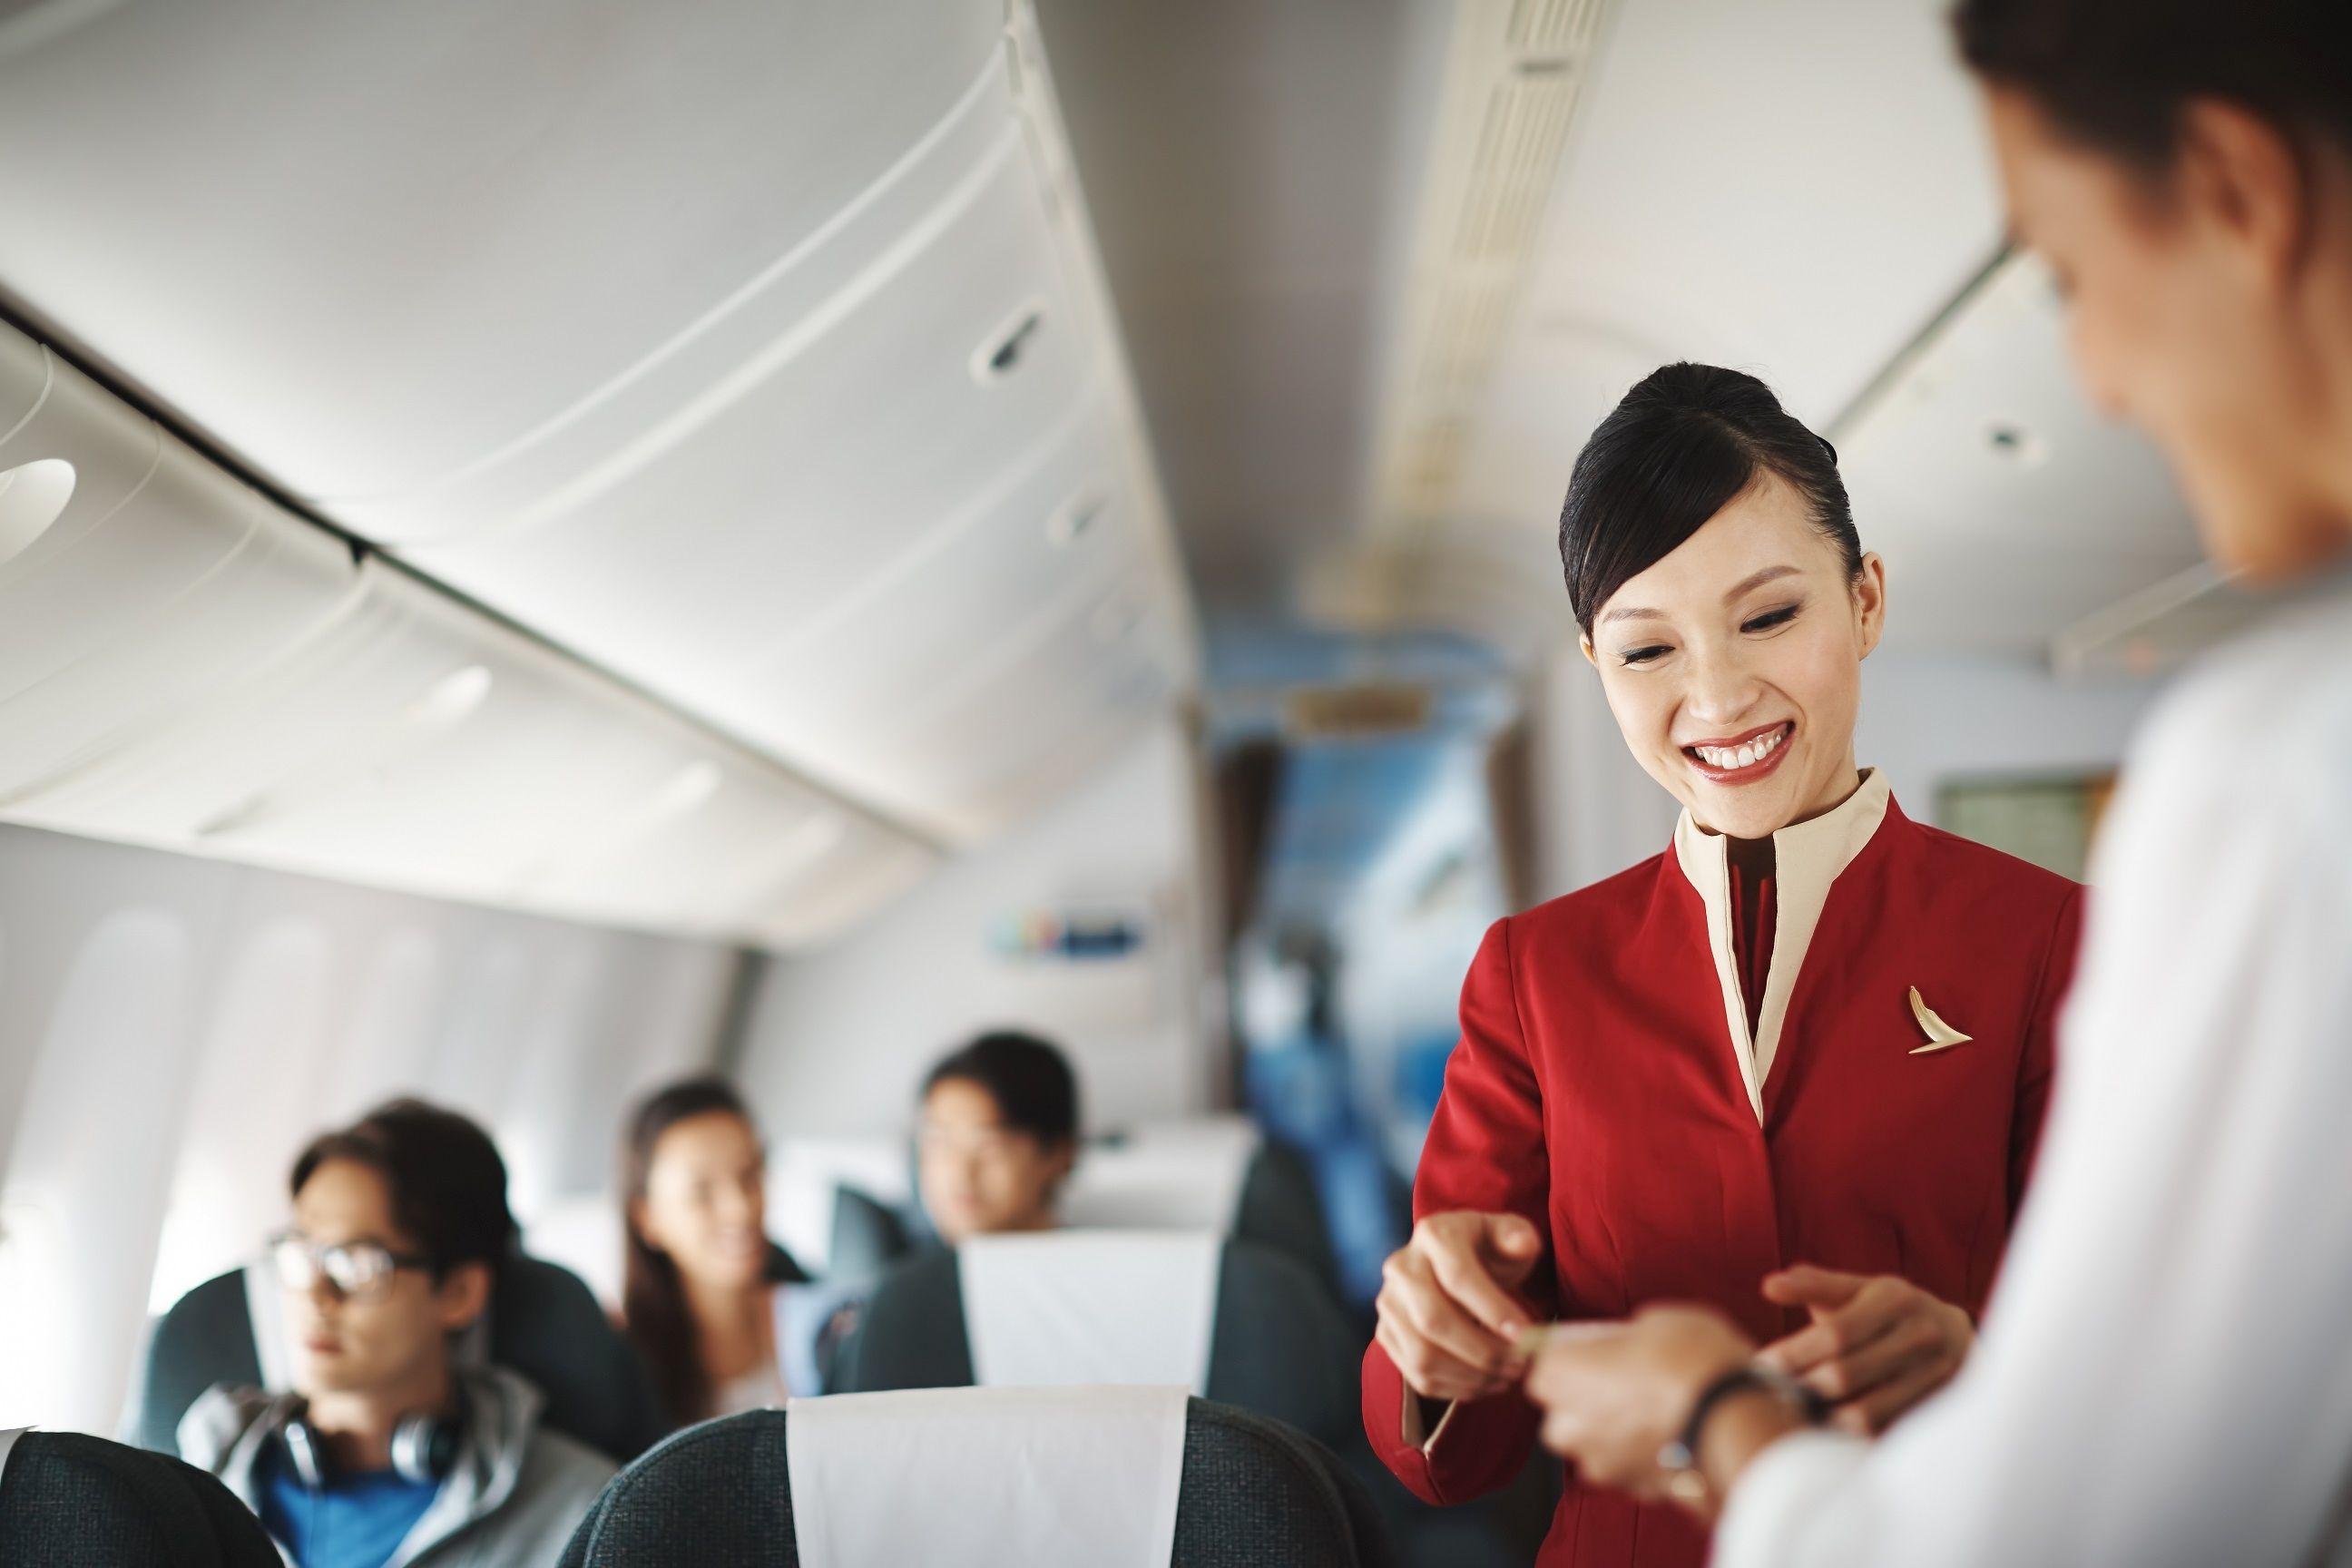 国泰启动全新旅程 迈进领先国际服务品牌